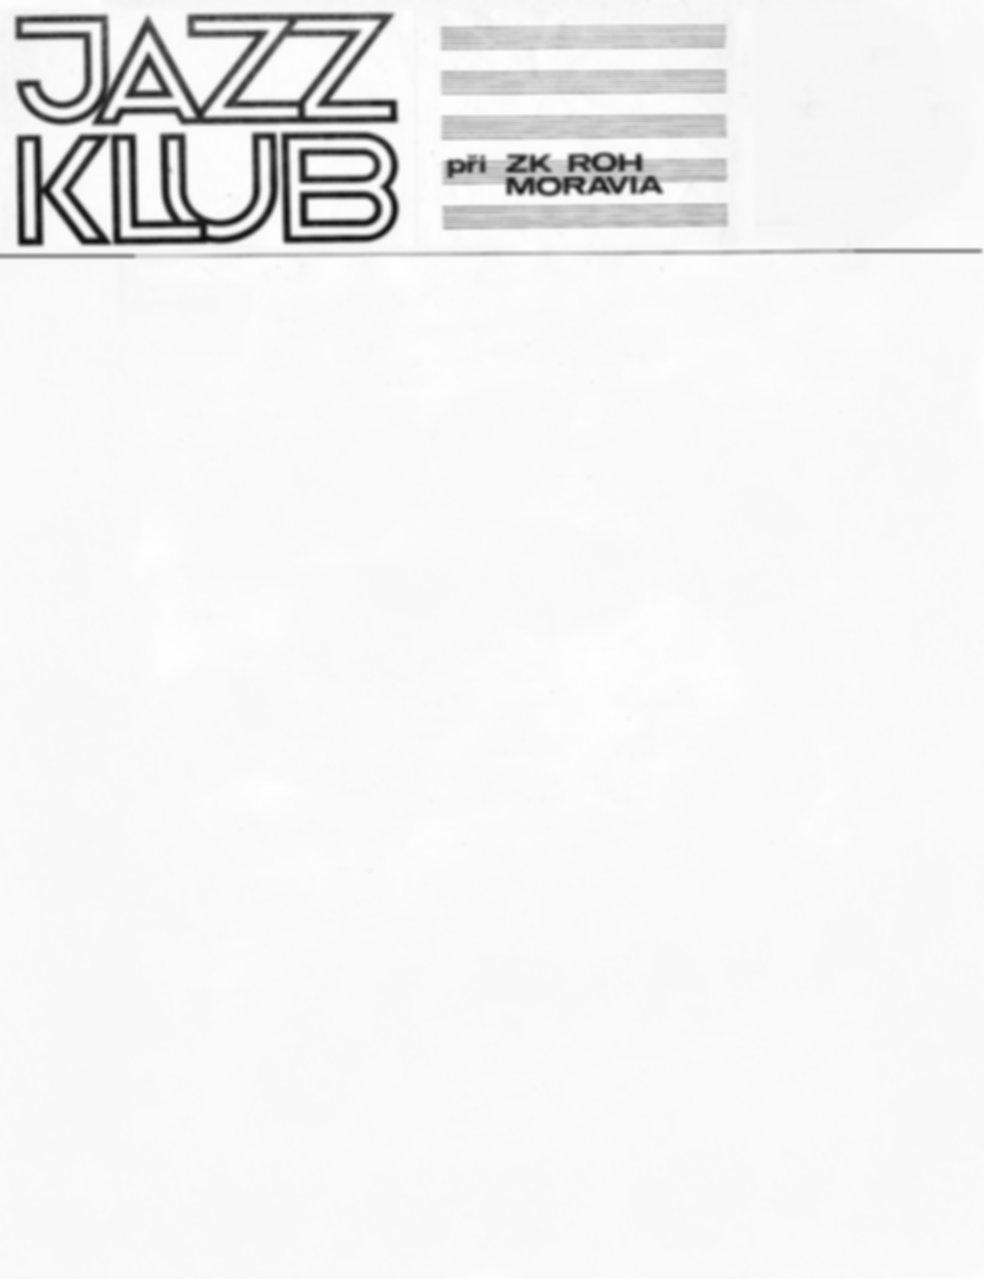 plakát_jazzklub_5.jpg